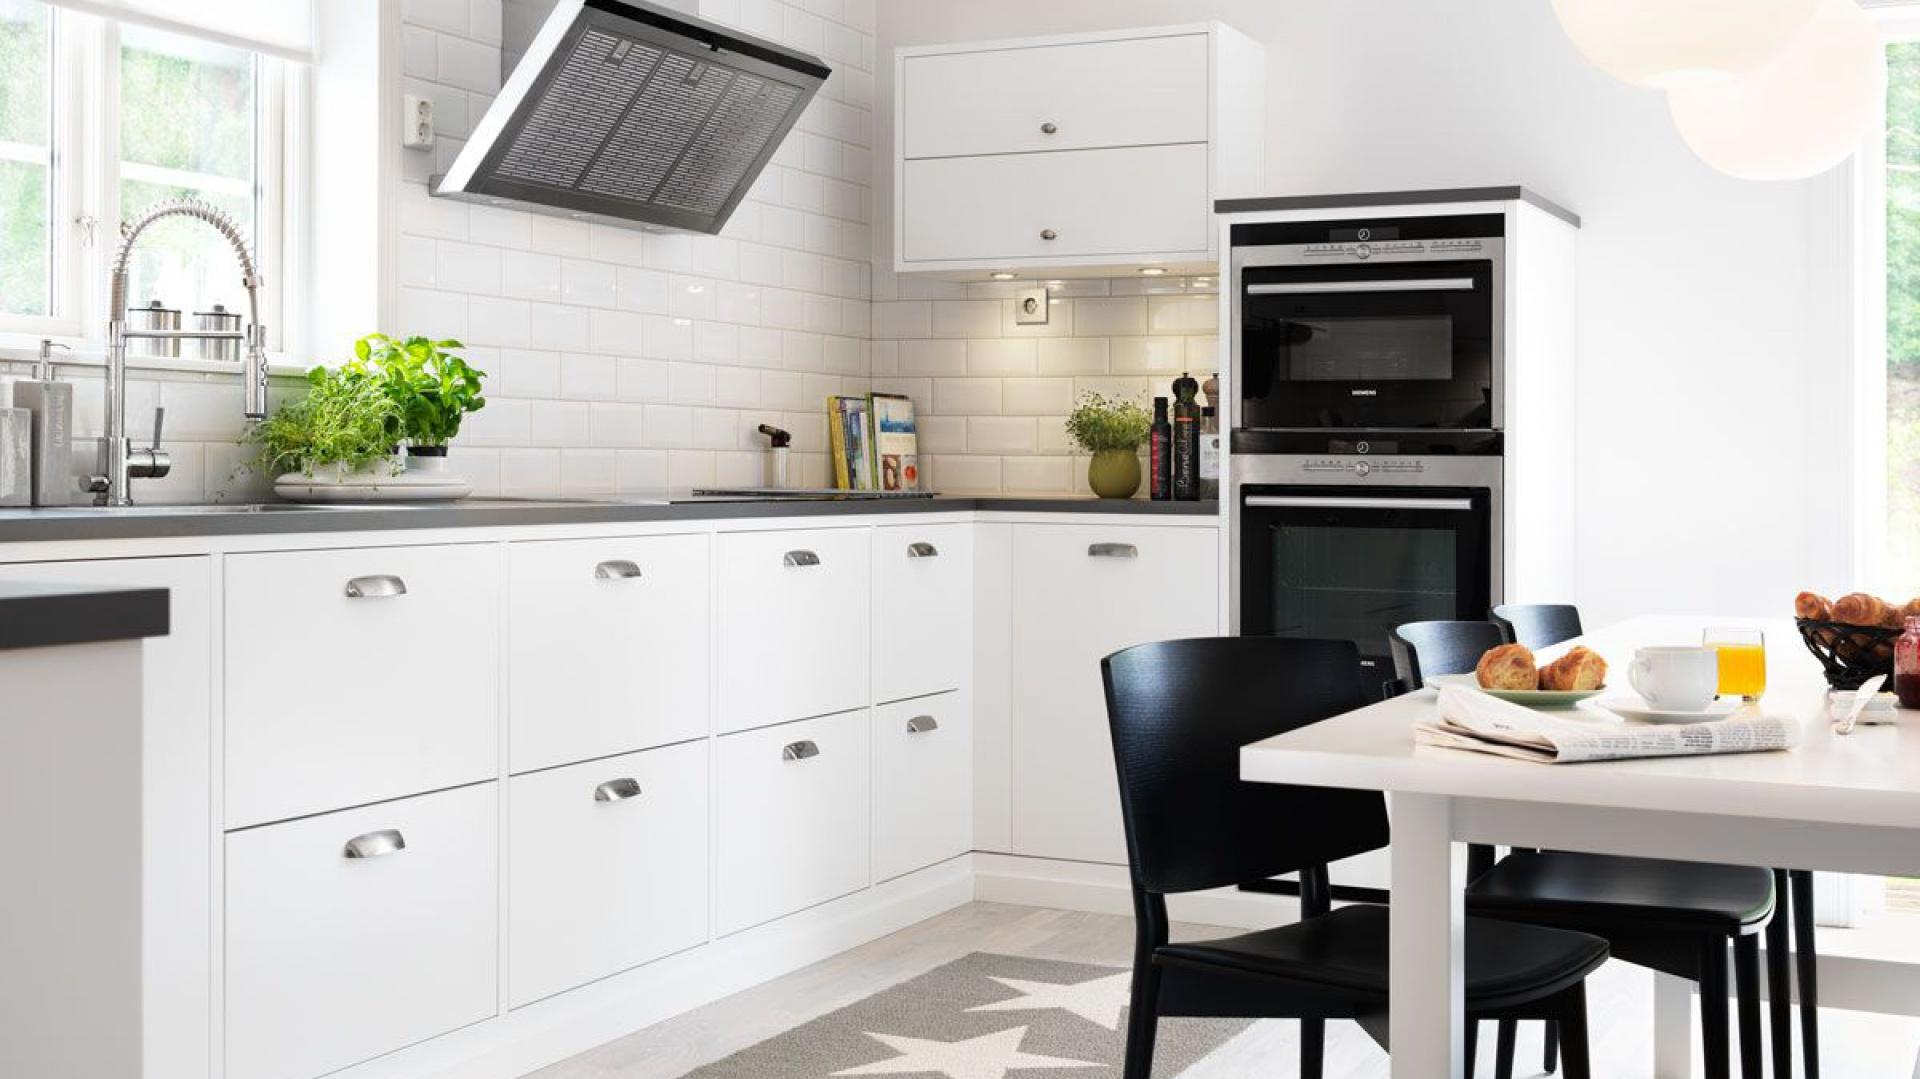 Proste, białe fronty Jak urządzić kuchnię? Postaw na